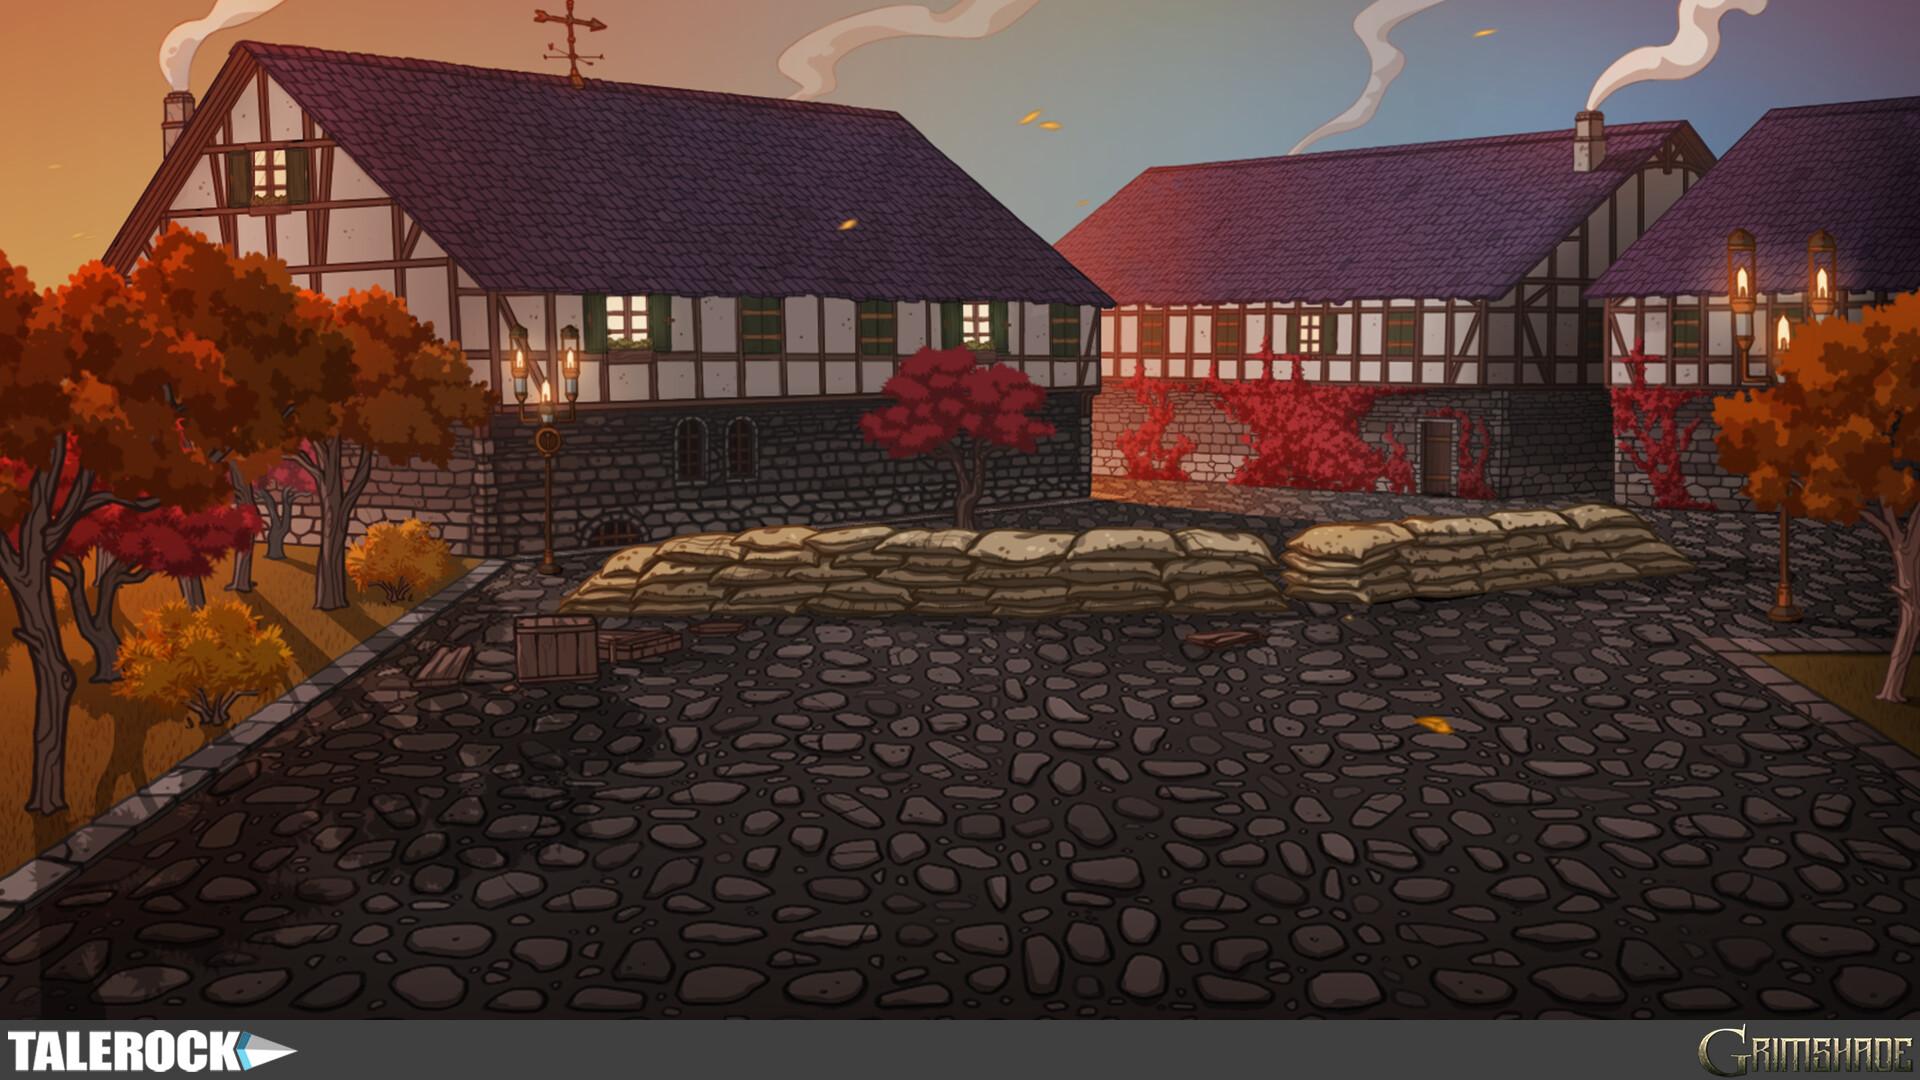 Talerock studio brannbattle